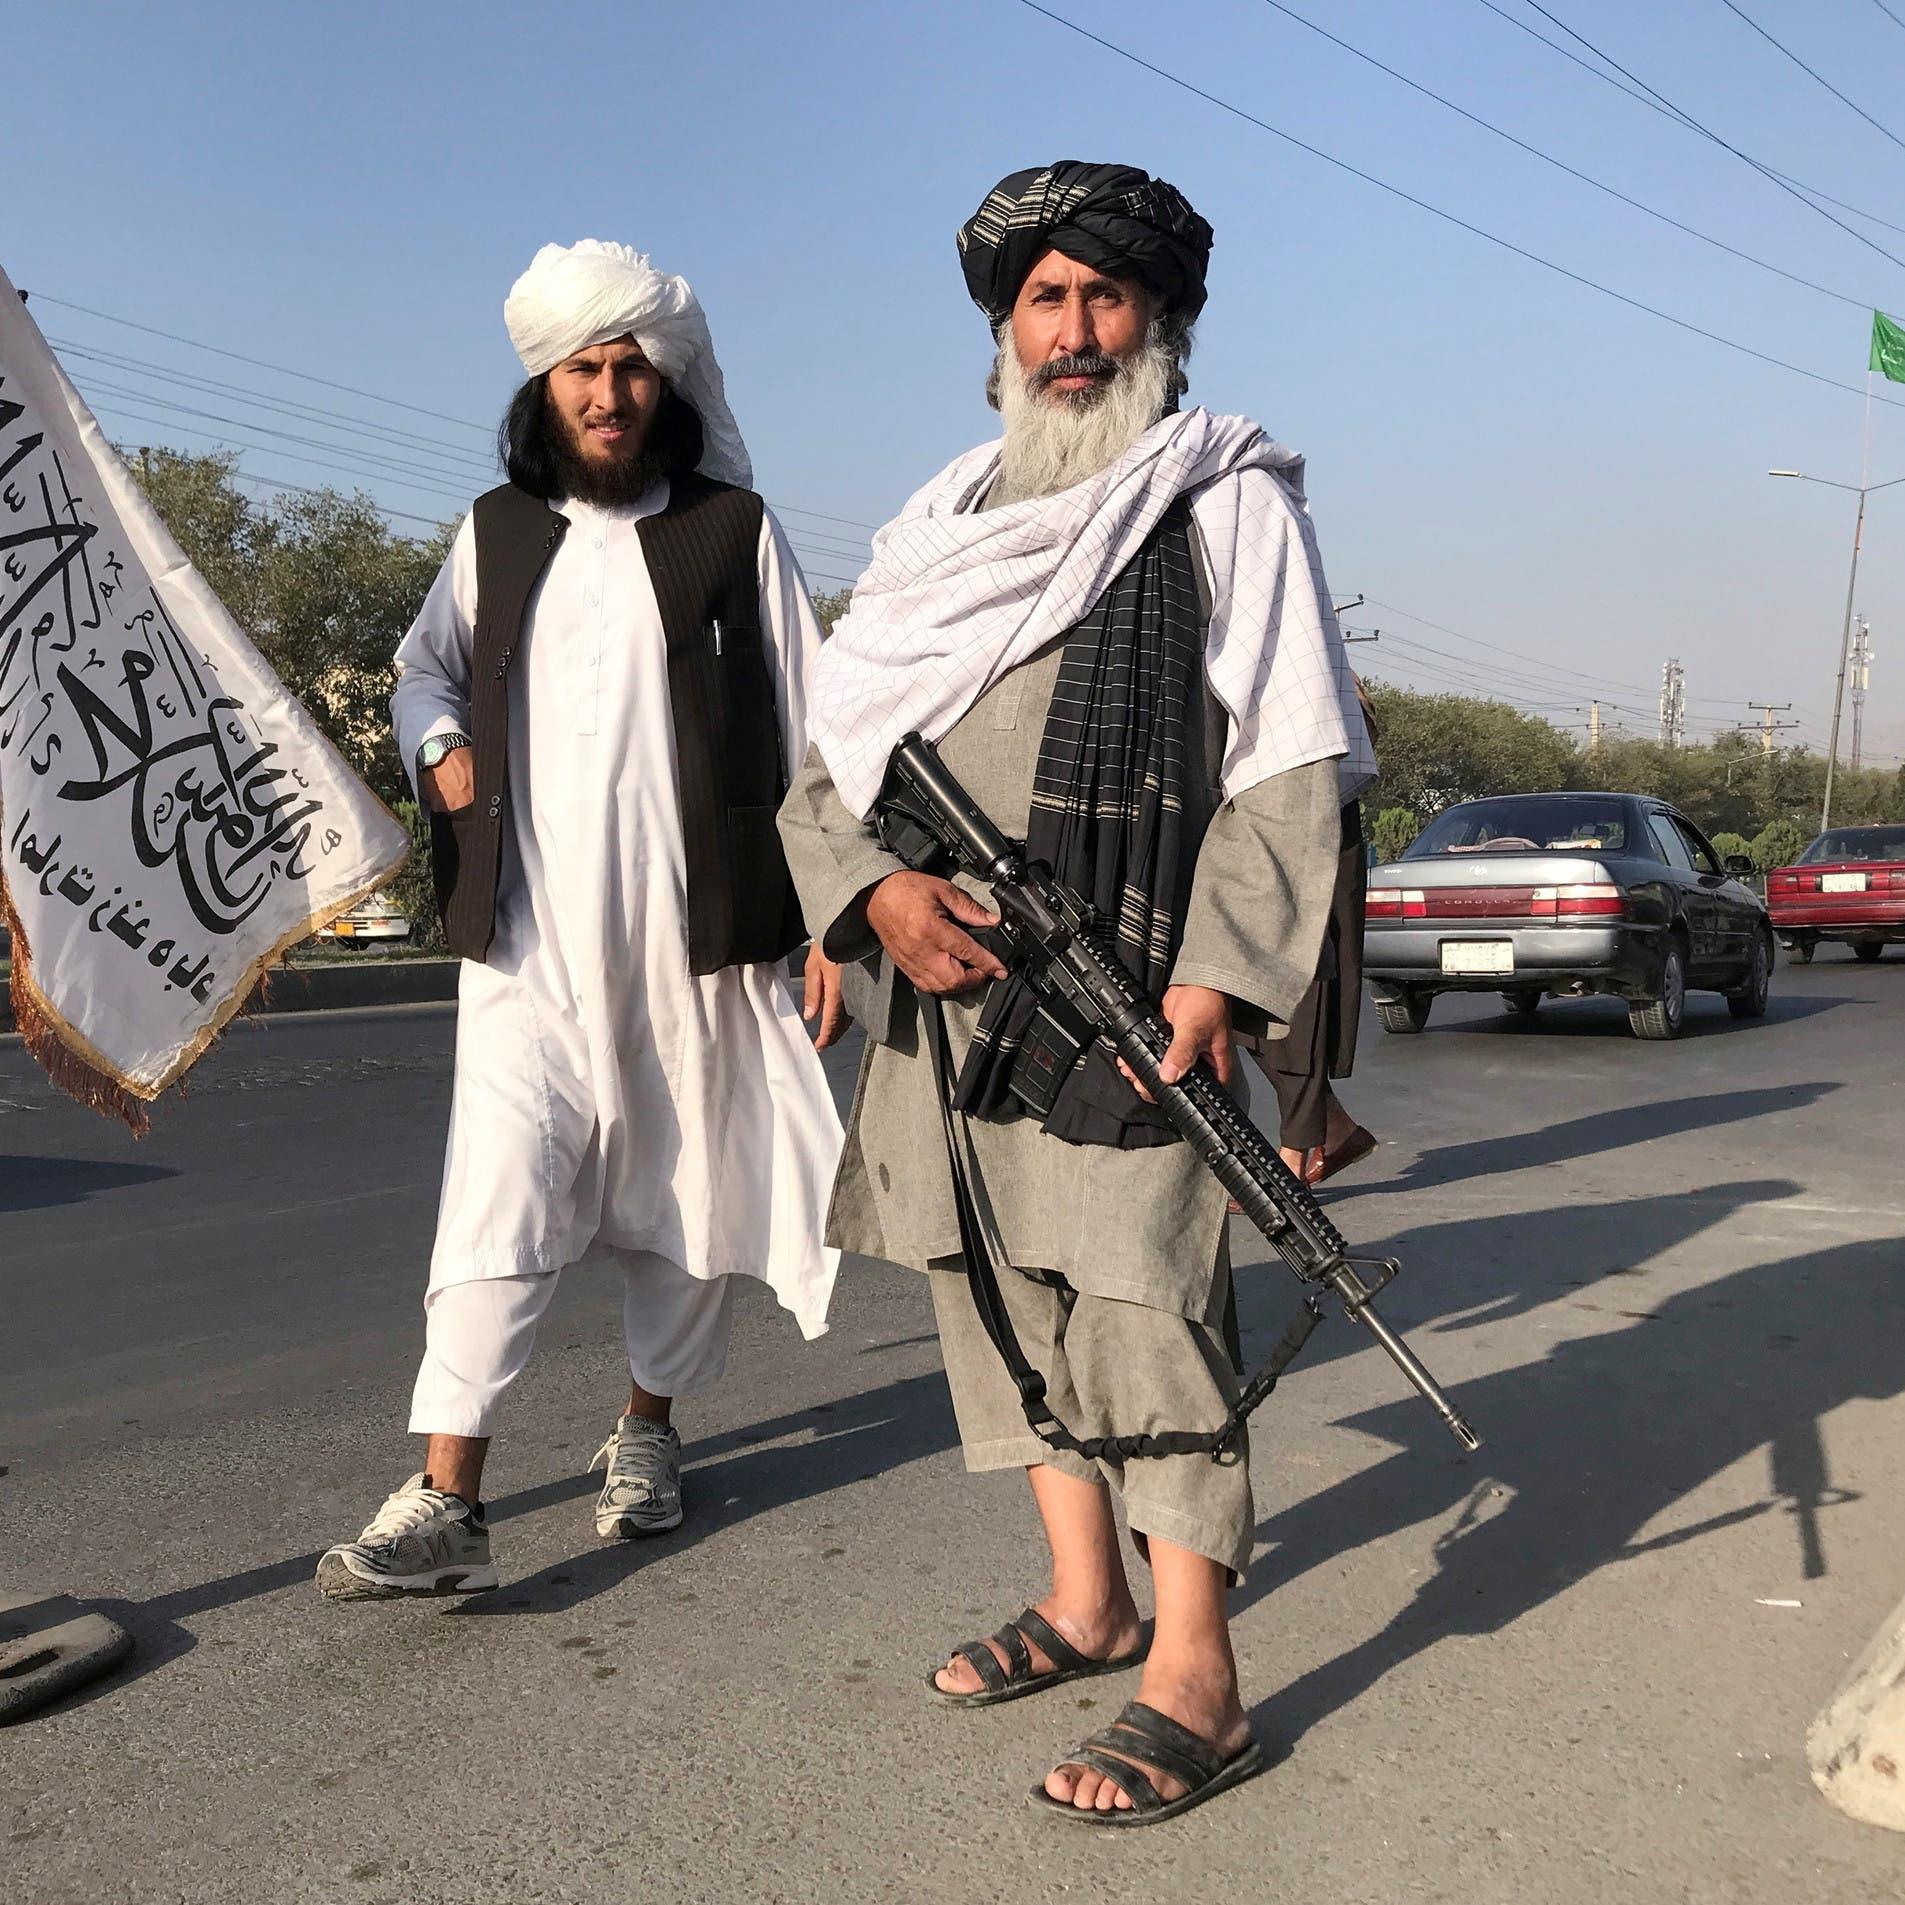 موسكو تحذر: تنظيمات إرهابية قد تستغل الفراغ في أفغانستان